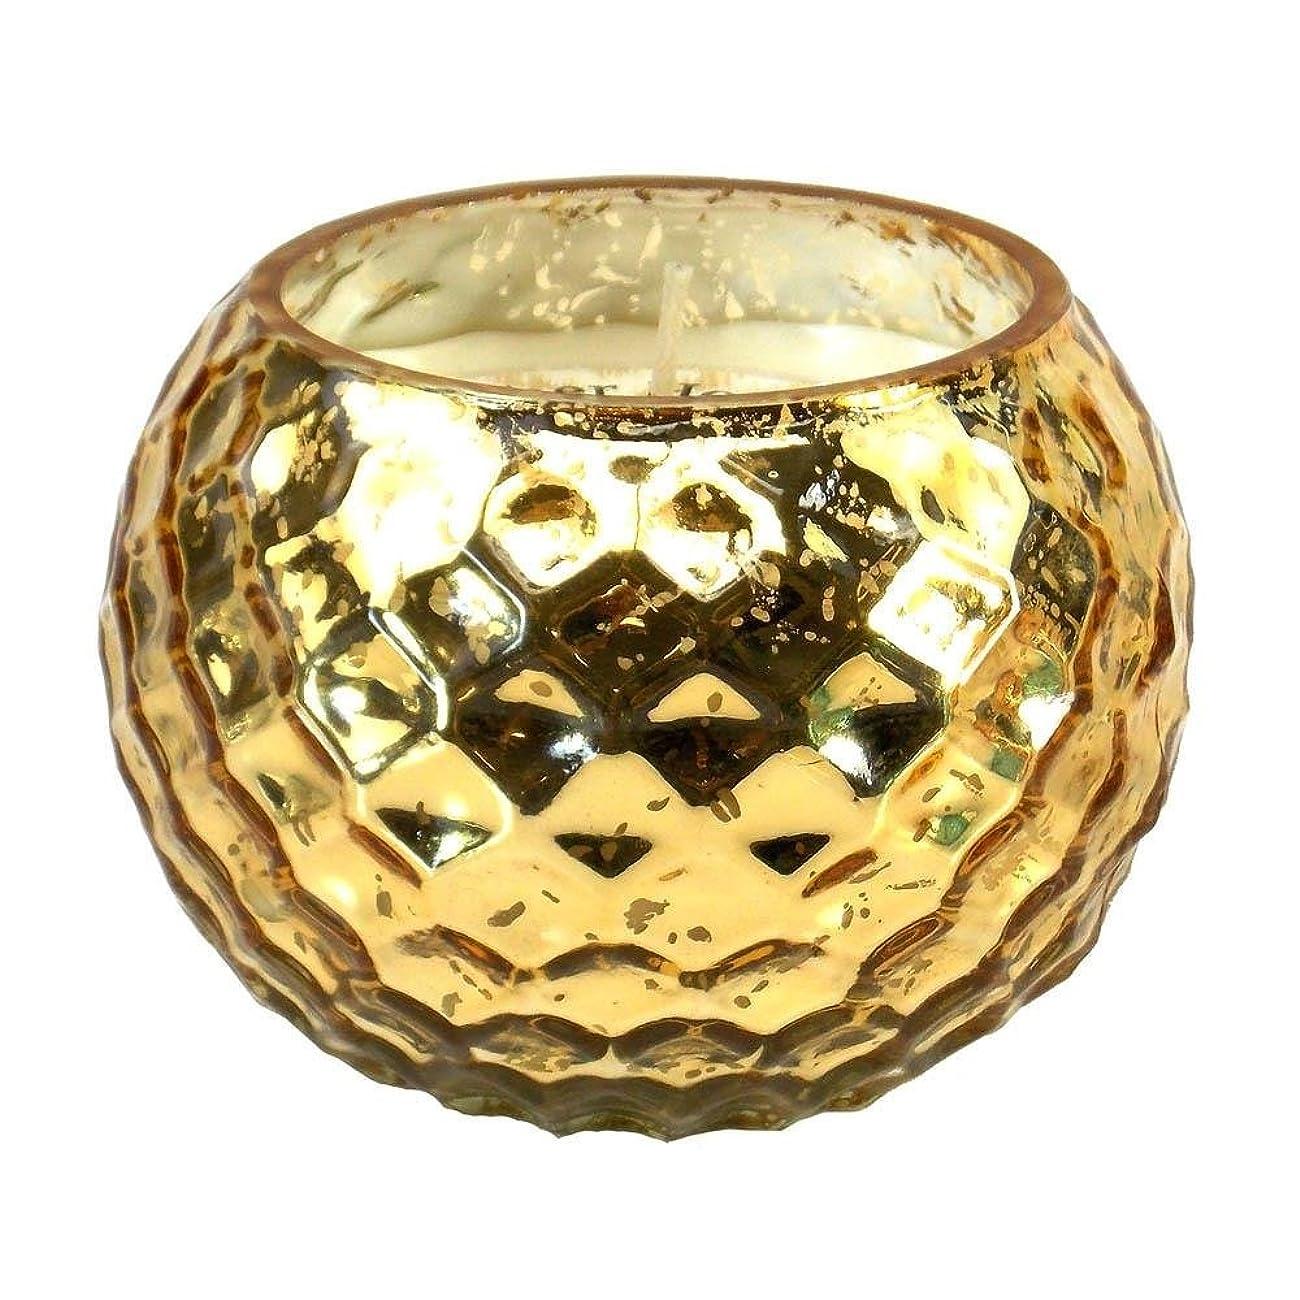 負束予備Scented Candleバニラ、誕生日Golden Honeycomb香り大豆Scented Candleワックス